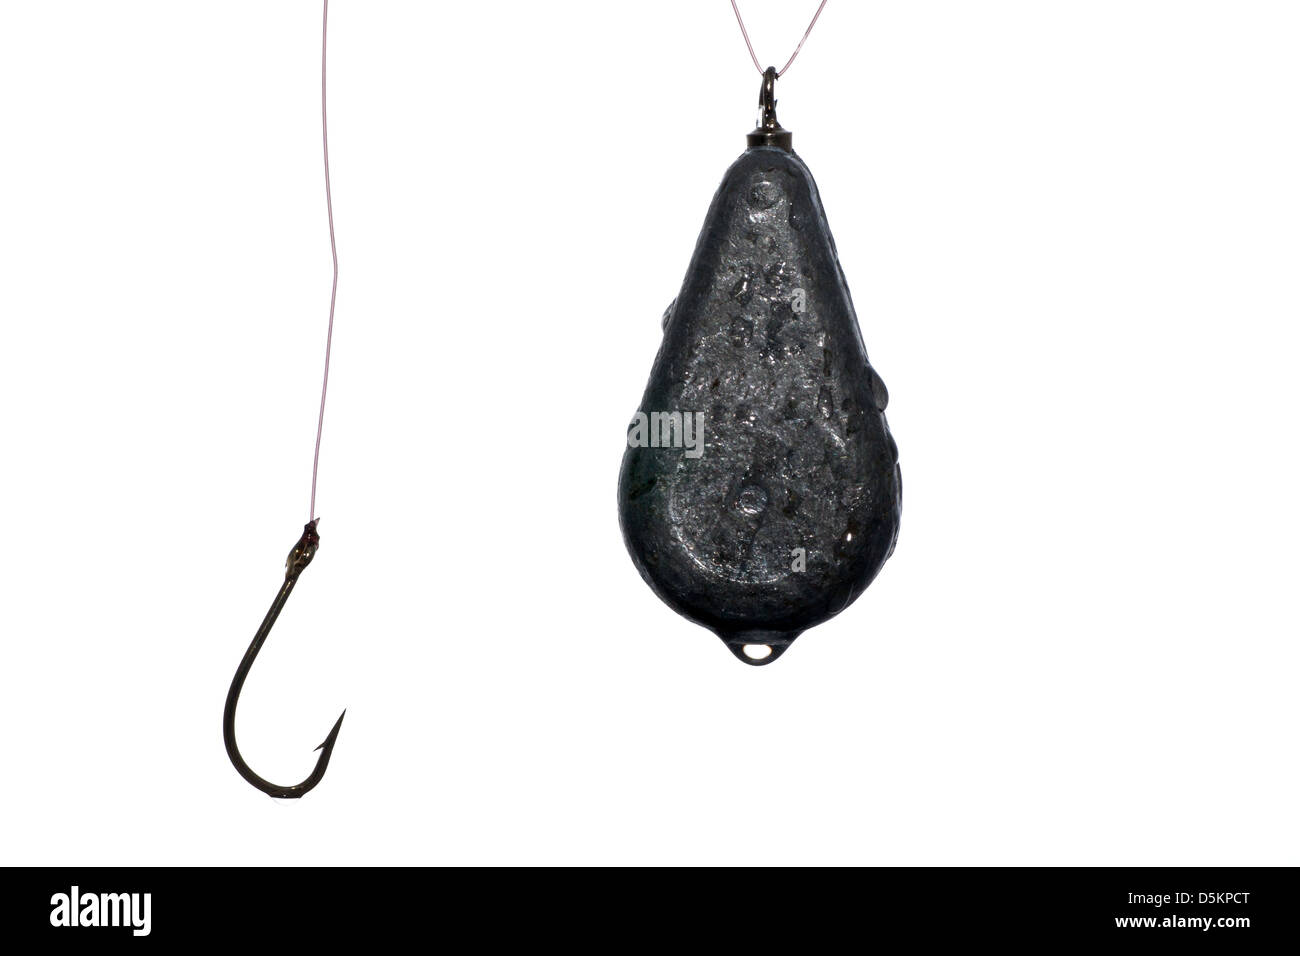 Gancho de pesca con línea y peso empapado en agua Imagen De Stock